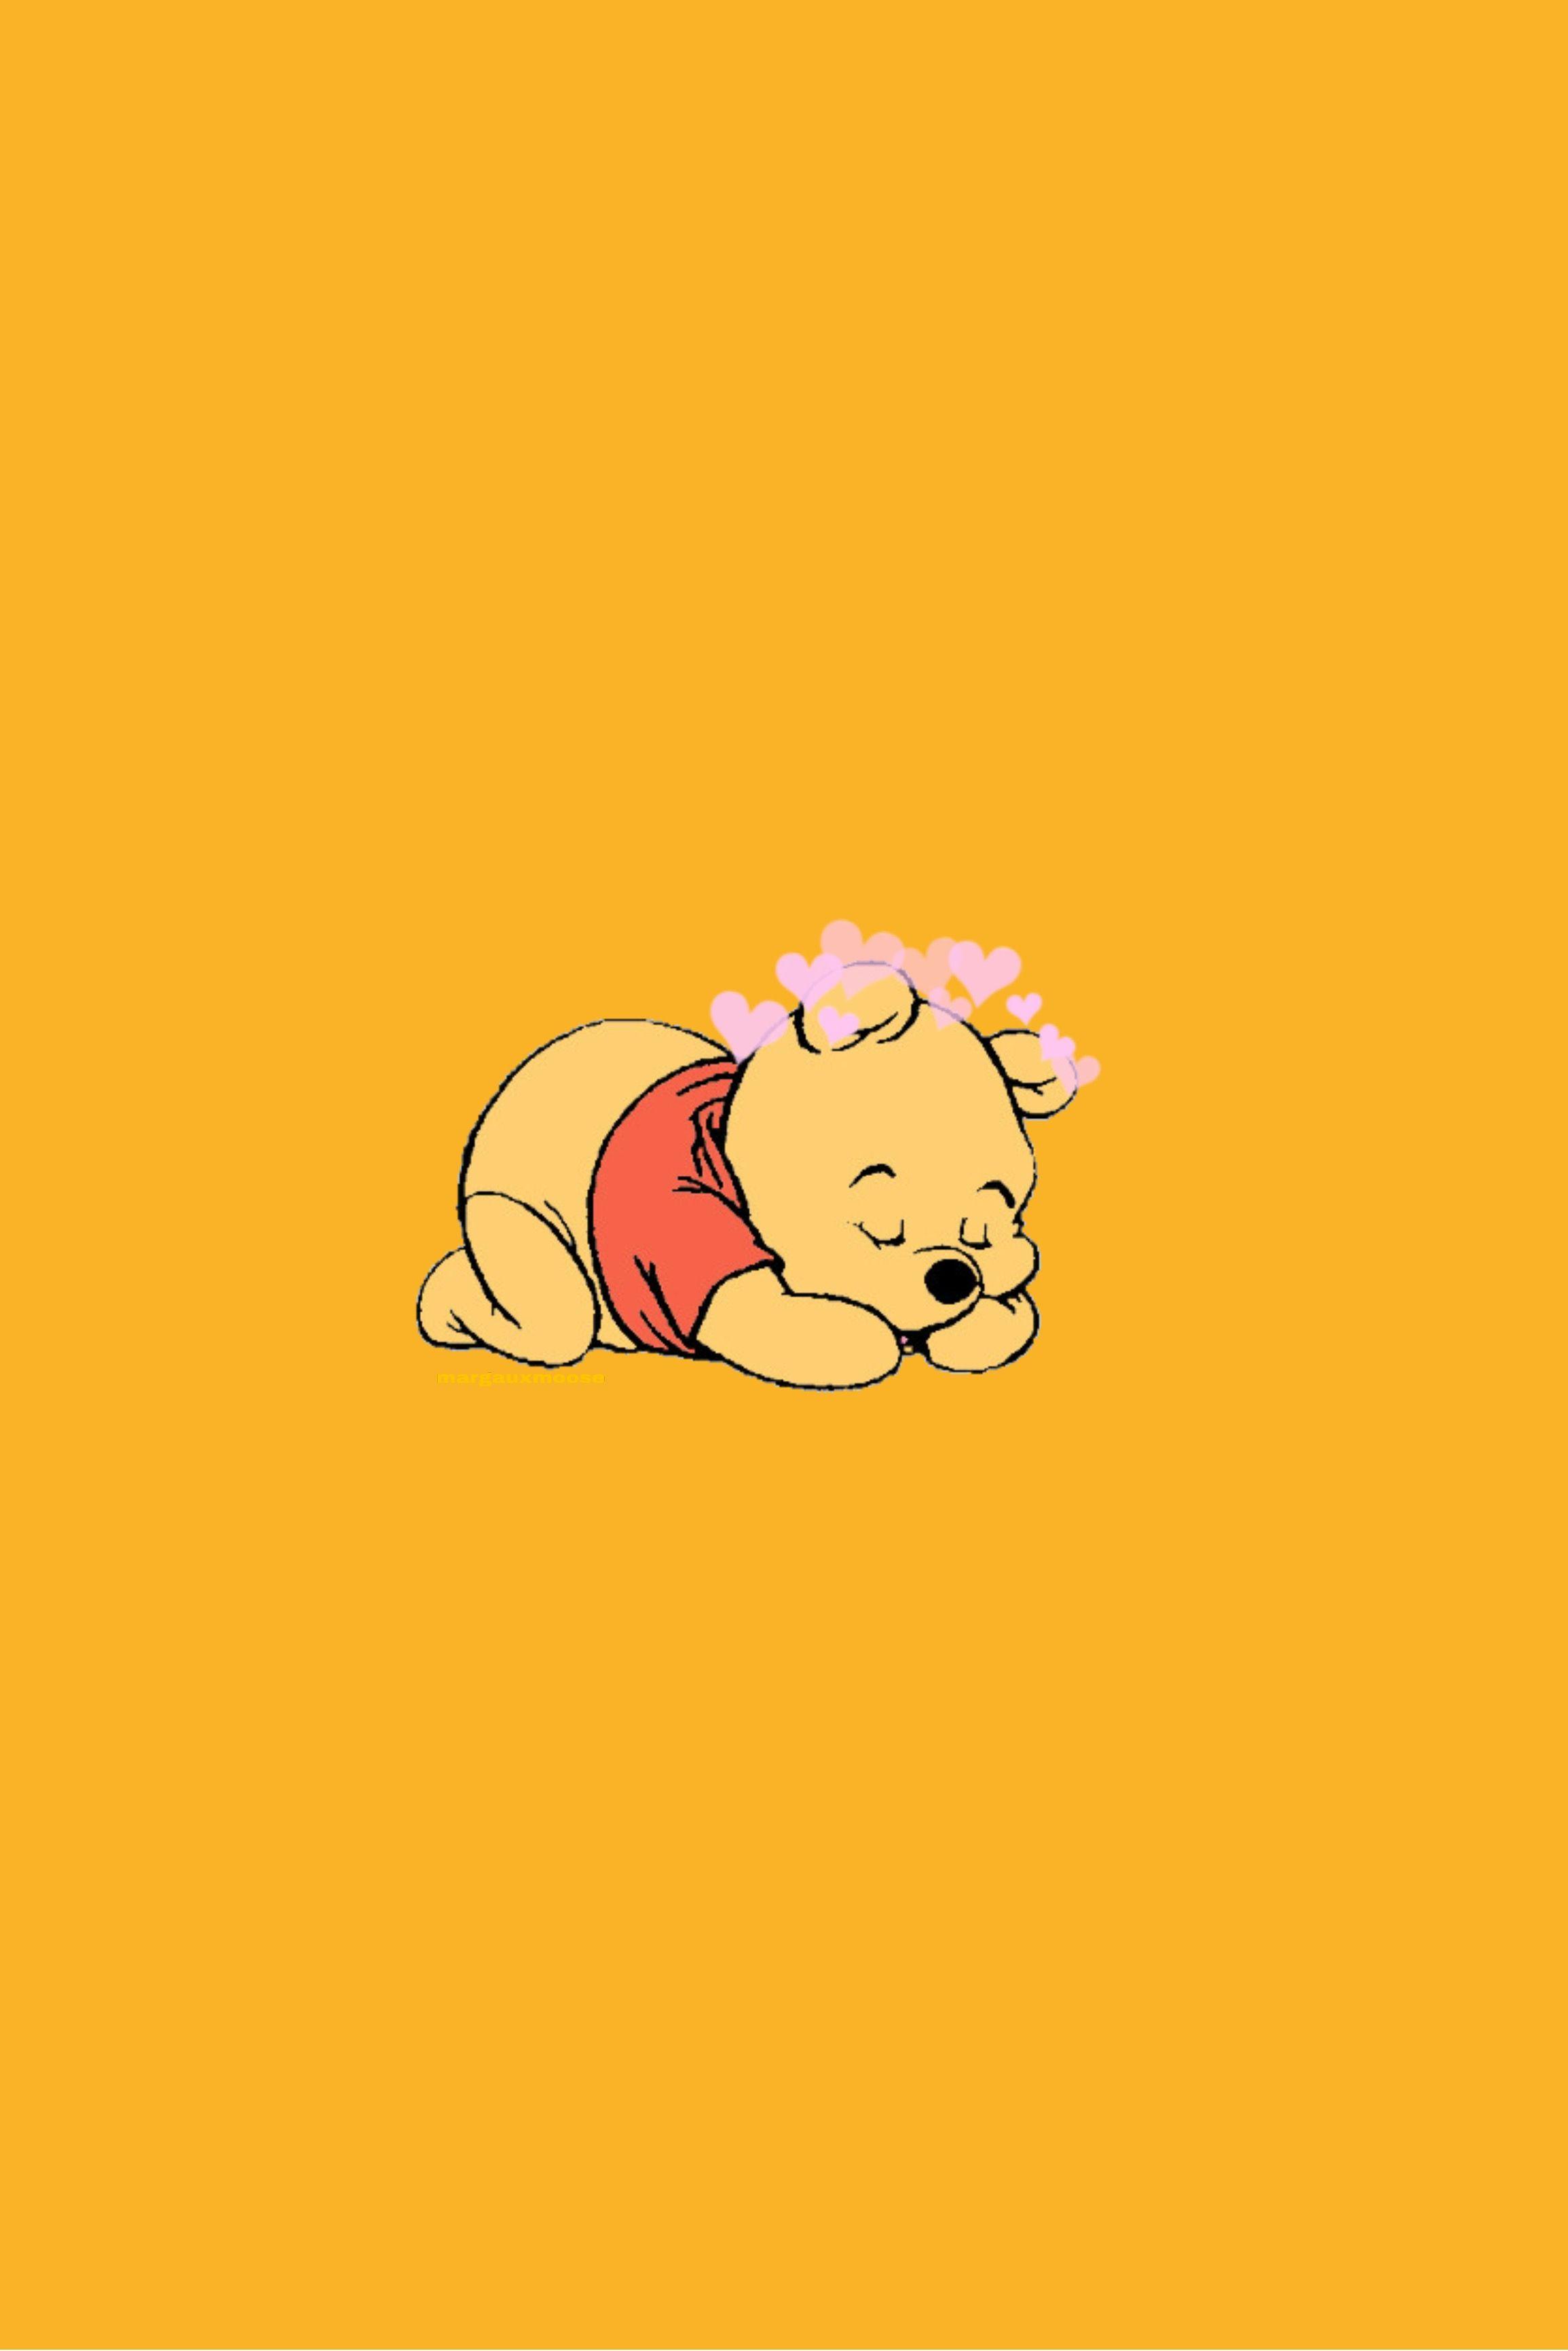 Cute Winnie The Pooh Background Cute Winnie The Pooh Winnie The Pooh Background Cartoon Wallpaper Iphone